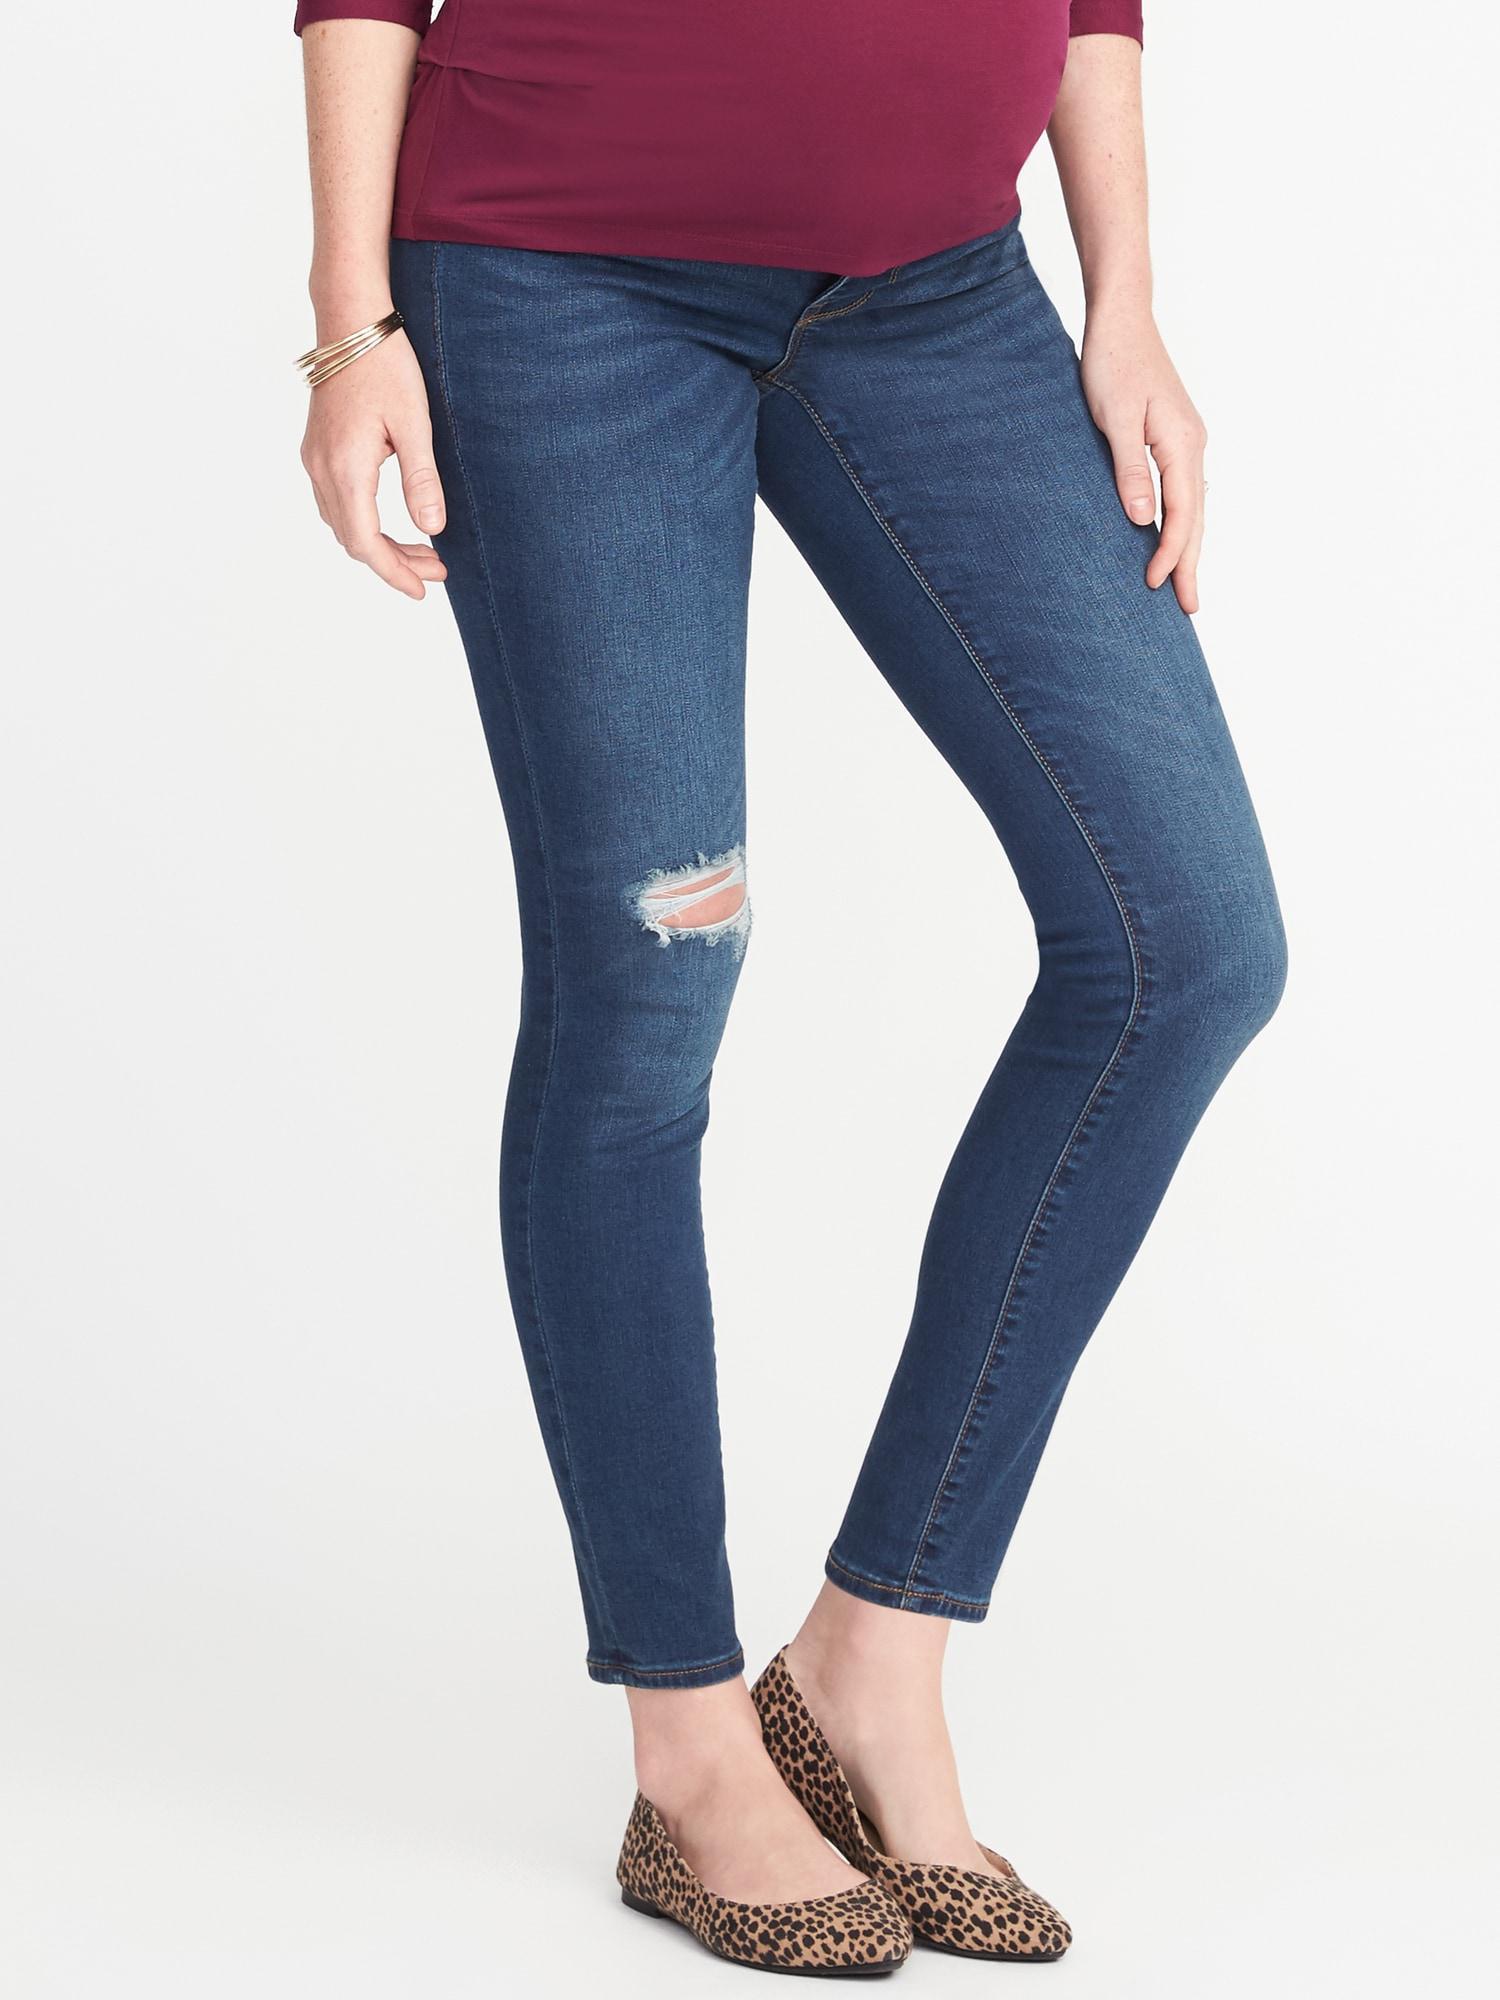 7386dee964ffa Lyst - Old Navy Maternity Side-panel Rockstar Jeans in Blue